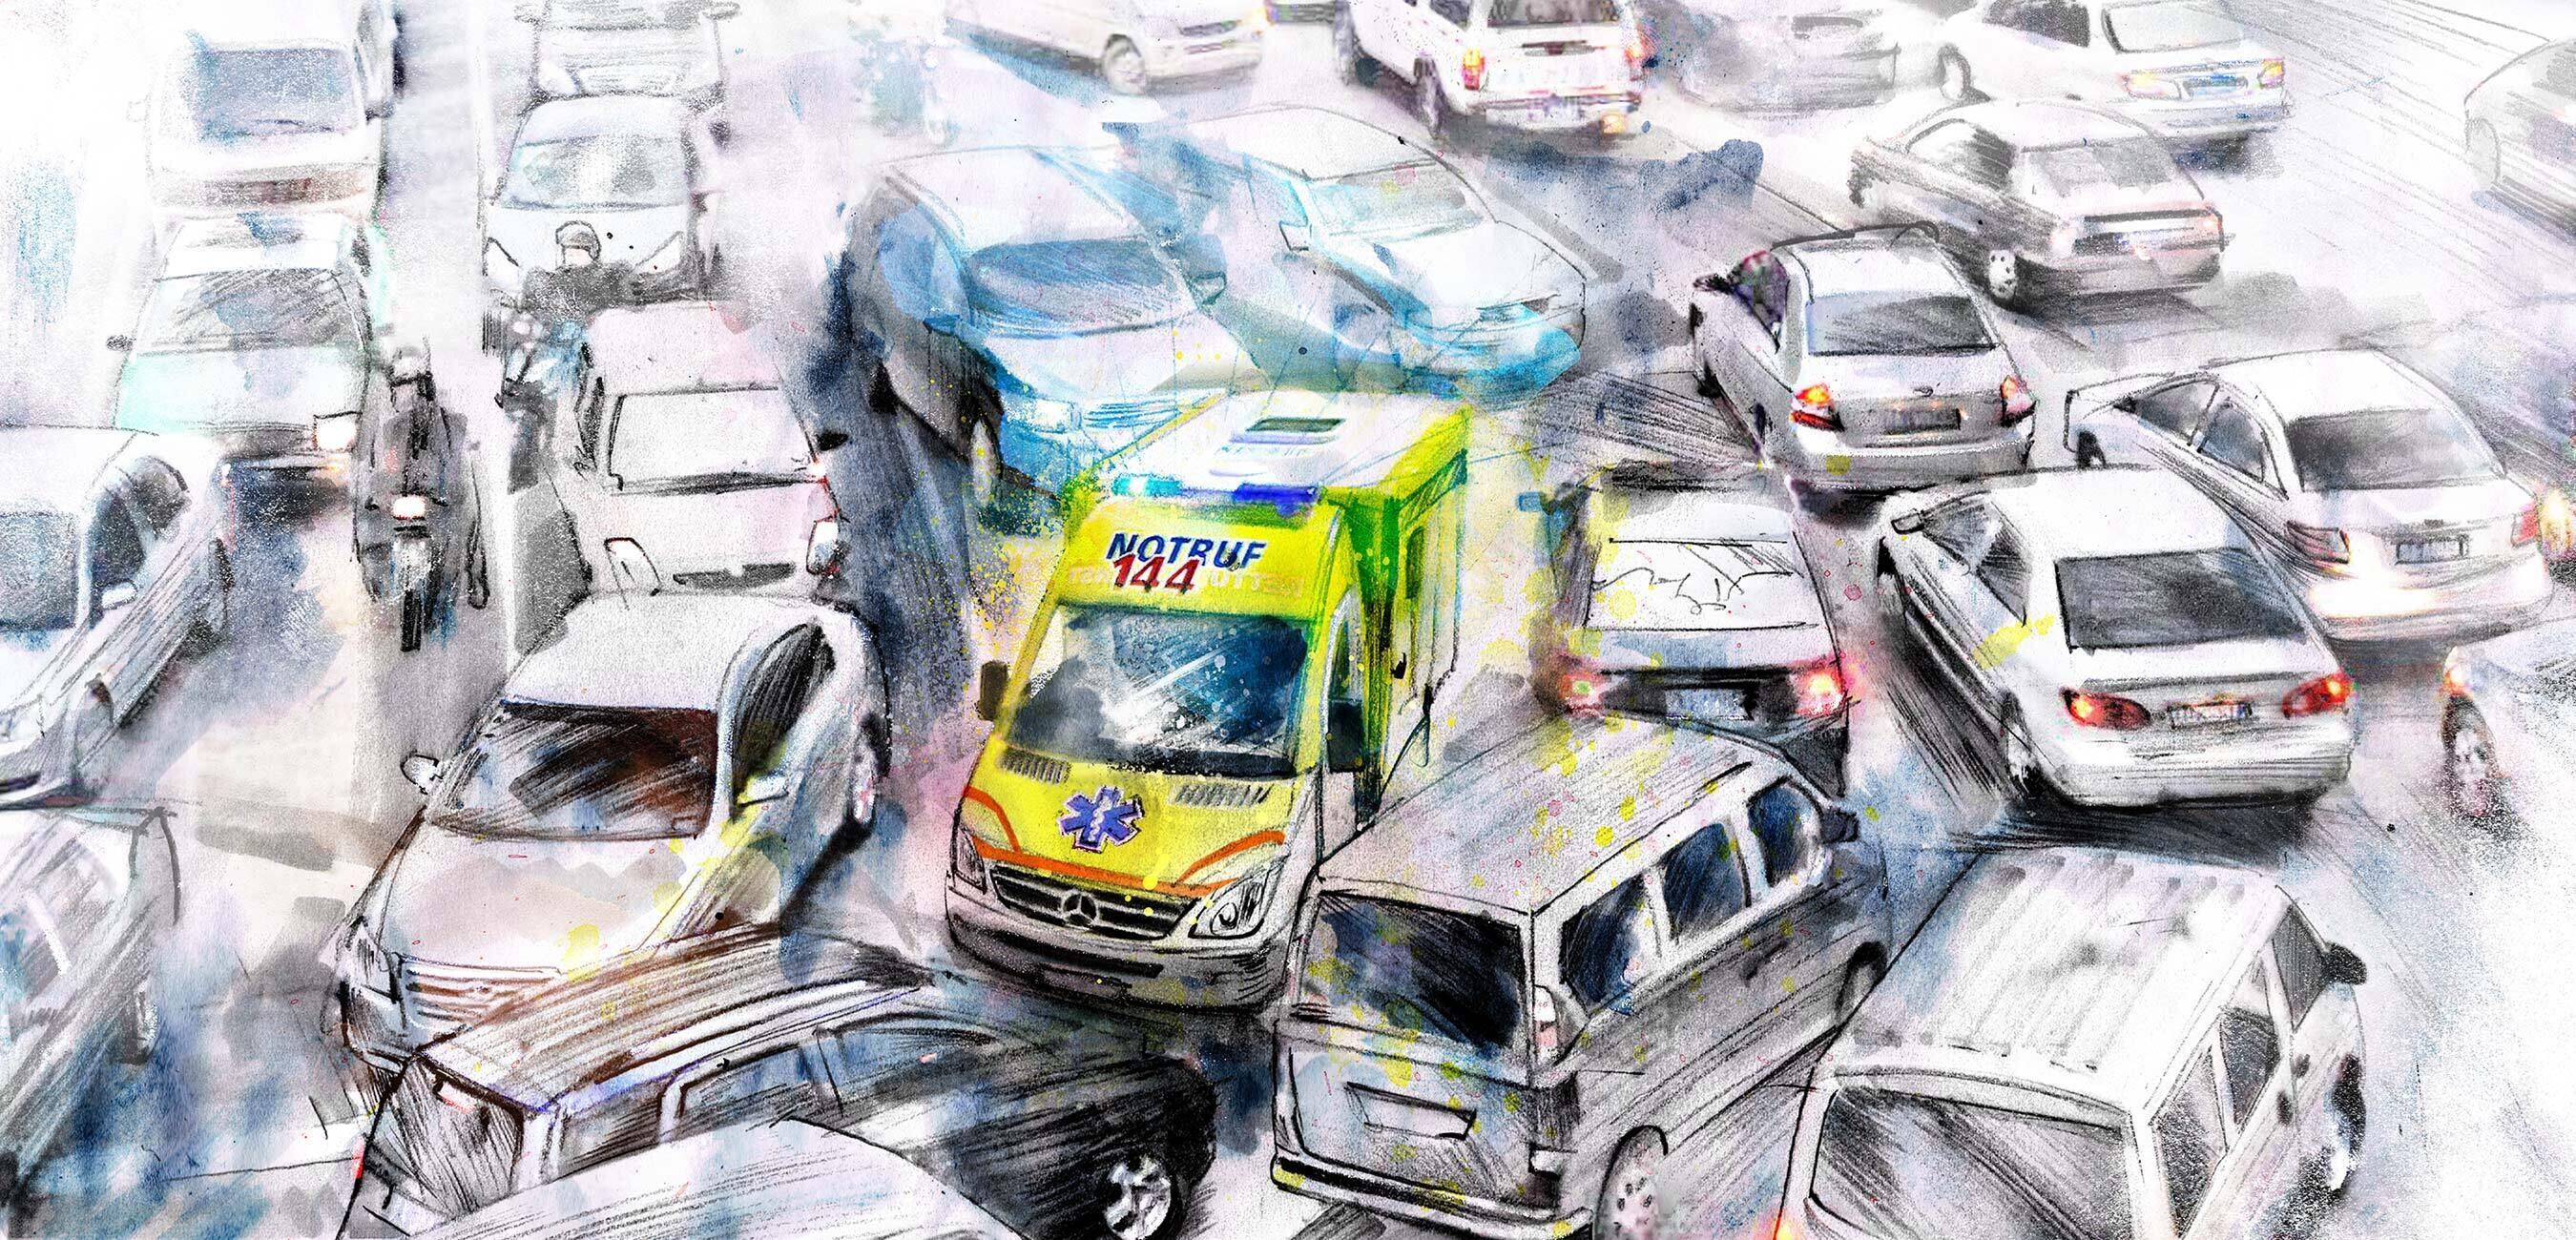 Ambulanz stau rettungsgasse verkehr illustration - Kornel Illustration | Kornel Stadler portfolio